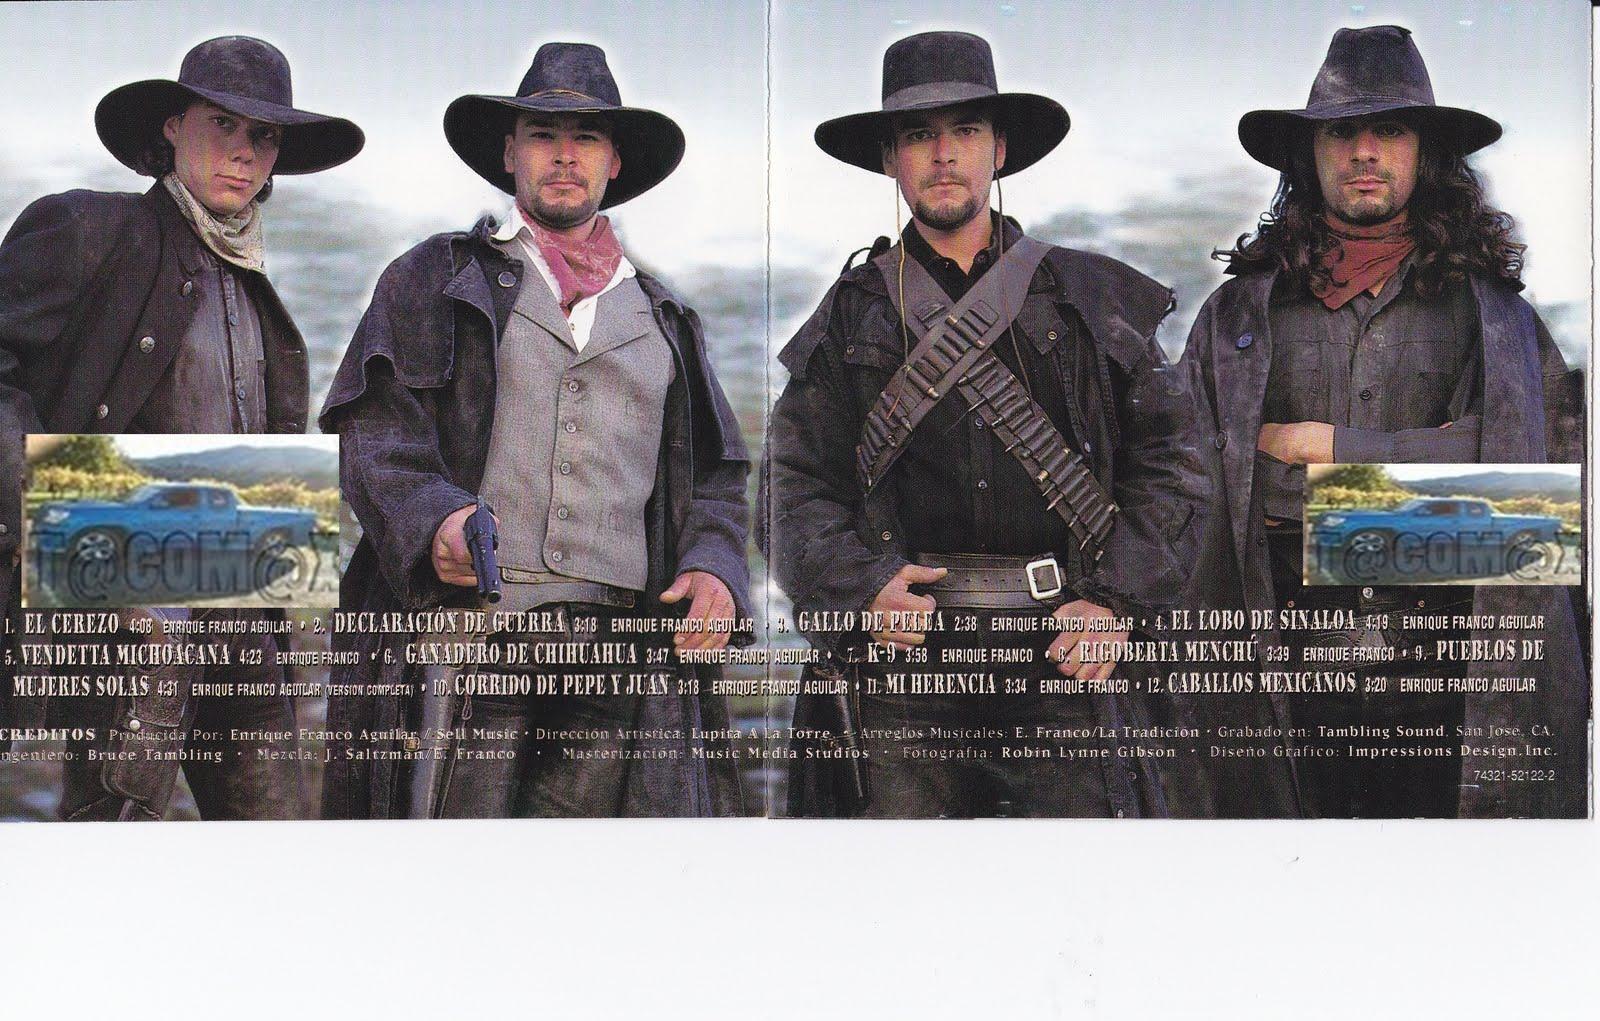 sɐɹǝdnɹƃ sǝuoıɔɔǝΙoɔ: La Tradicion Del Norte-Corridos Para ...